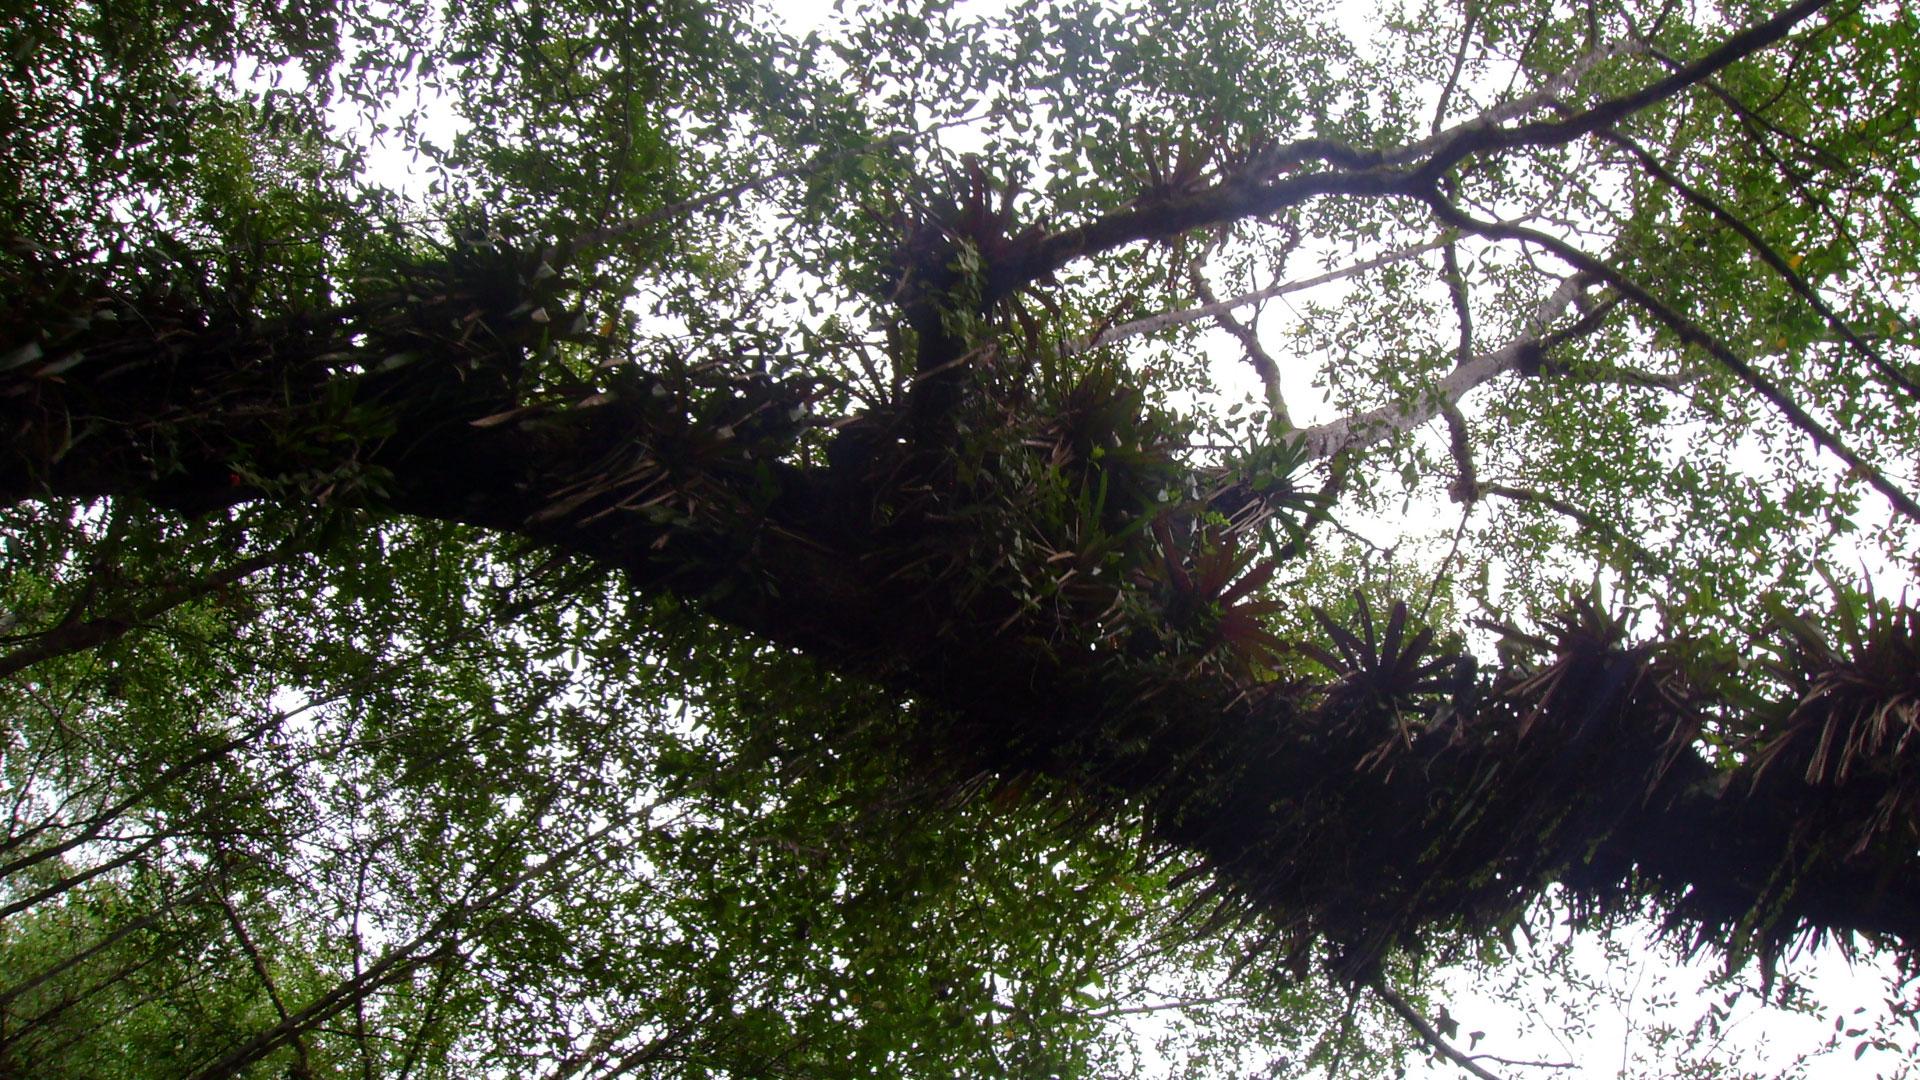 Fotografía de un árbol y sus ramas visto desde abajo